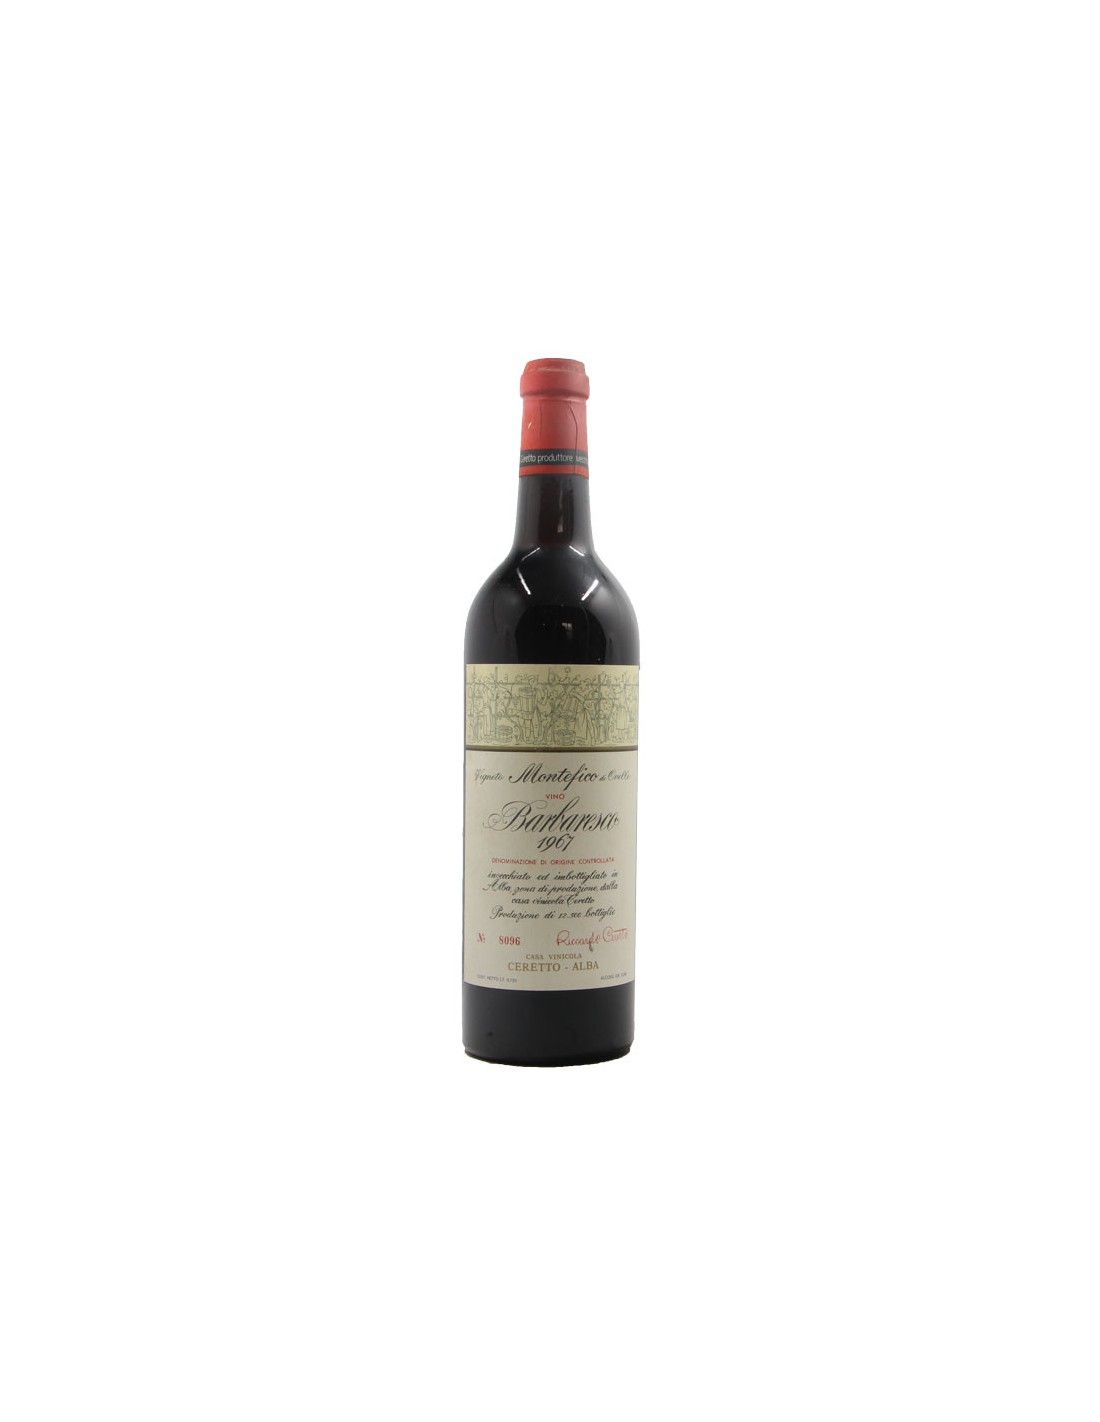 BARBARESCO MONTEFICO 1967 CERETTO Grandi Bottiglie